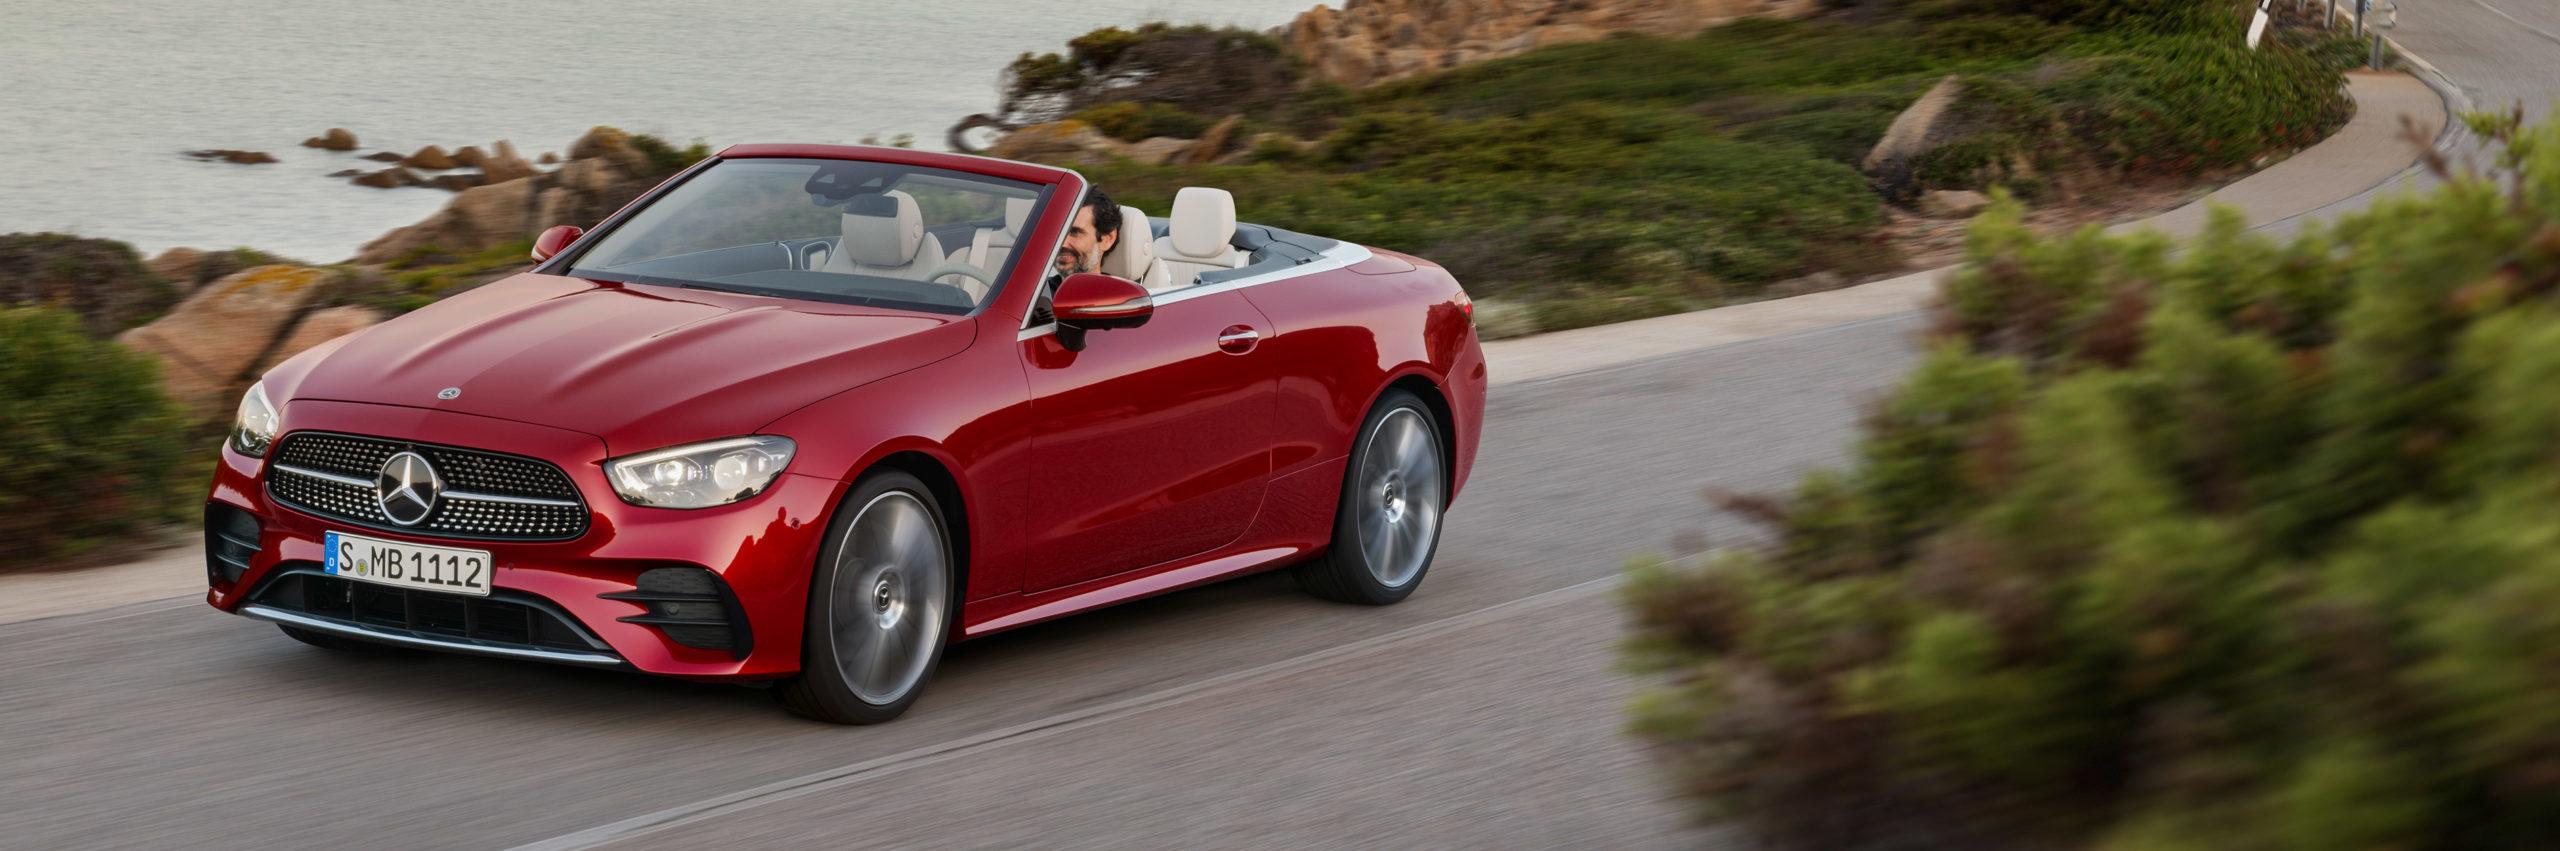 Ya pueden realizar pedidos en España de los nuevos MB Clase E Coupé y Cabrio